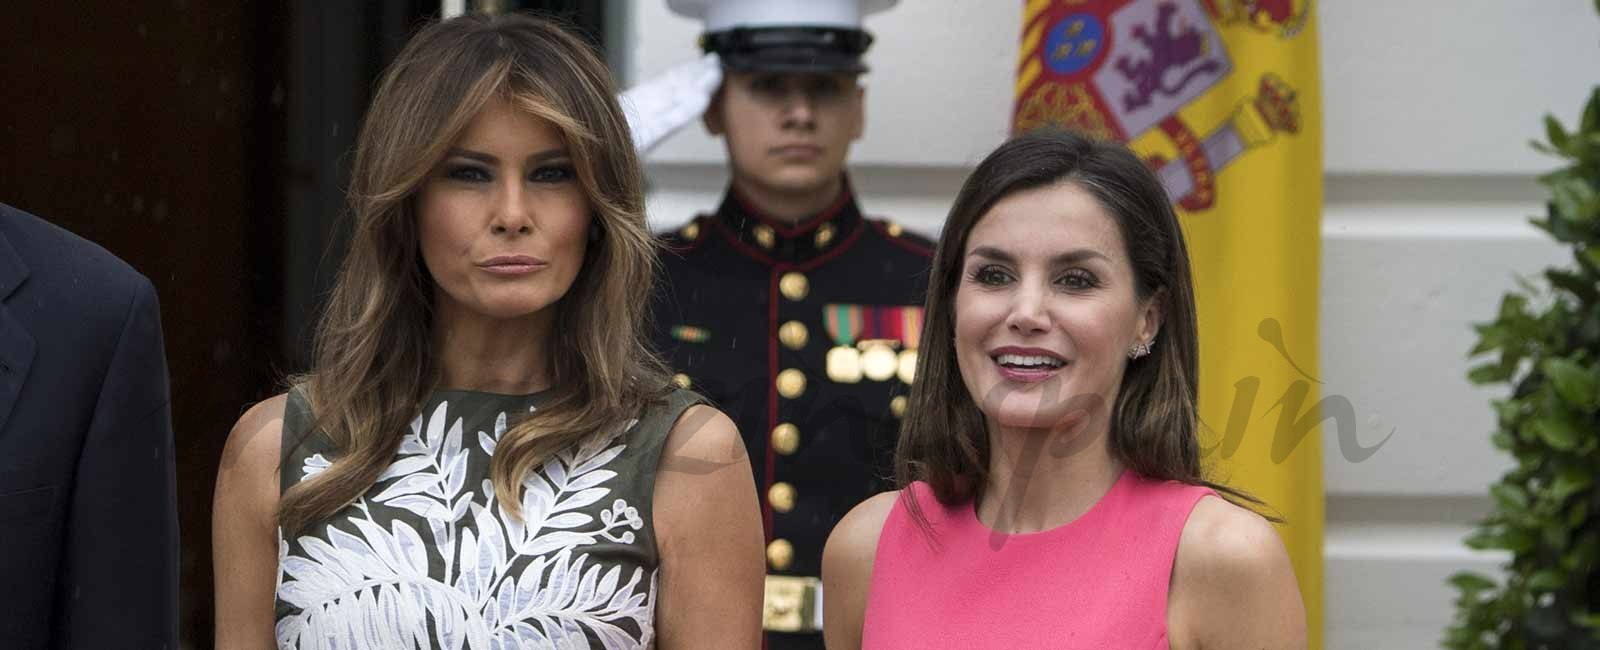 La reina Letizia le «copia» el look a Melania Trump